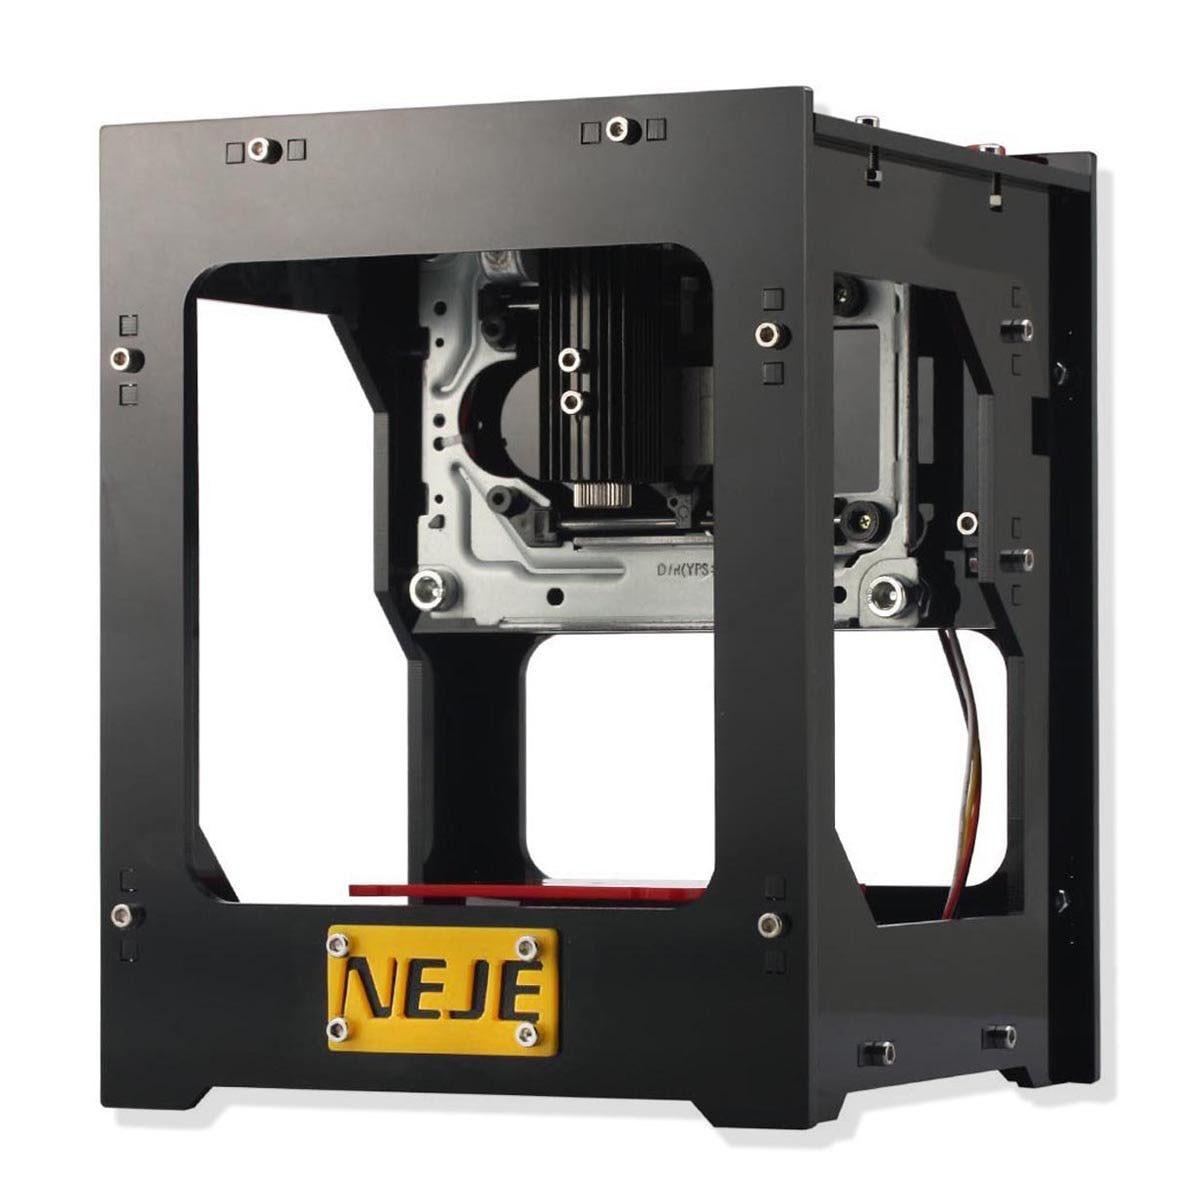 NEW NEJE DK-BL 405nm 1500mW DIY Engraver Printer Laser-Engraving Machine Bluetooth USB dk bl 1500mw mini diy laser engraving machine wireless bluetooth print